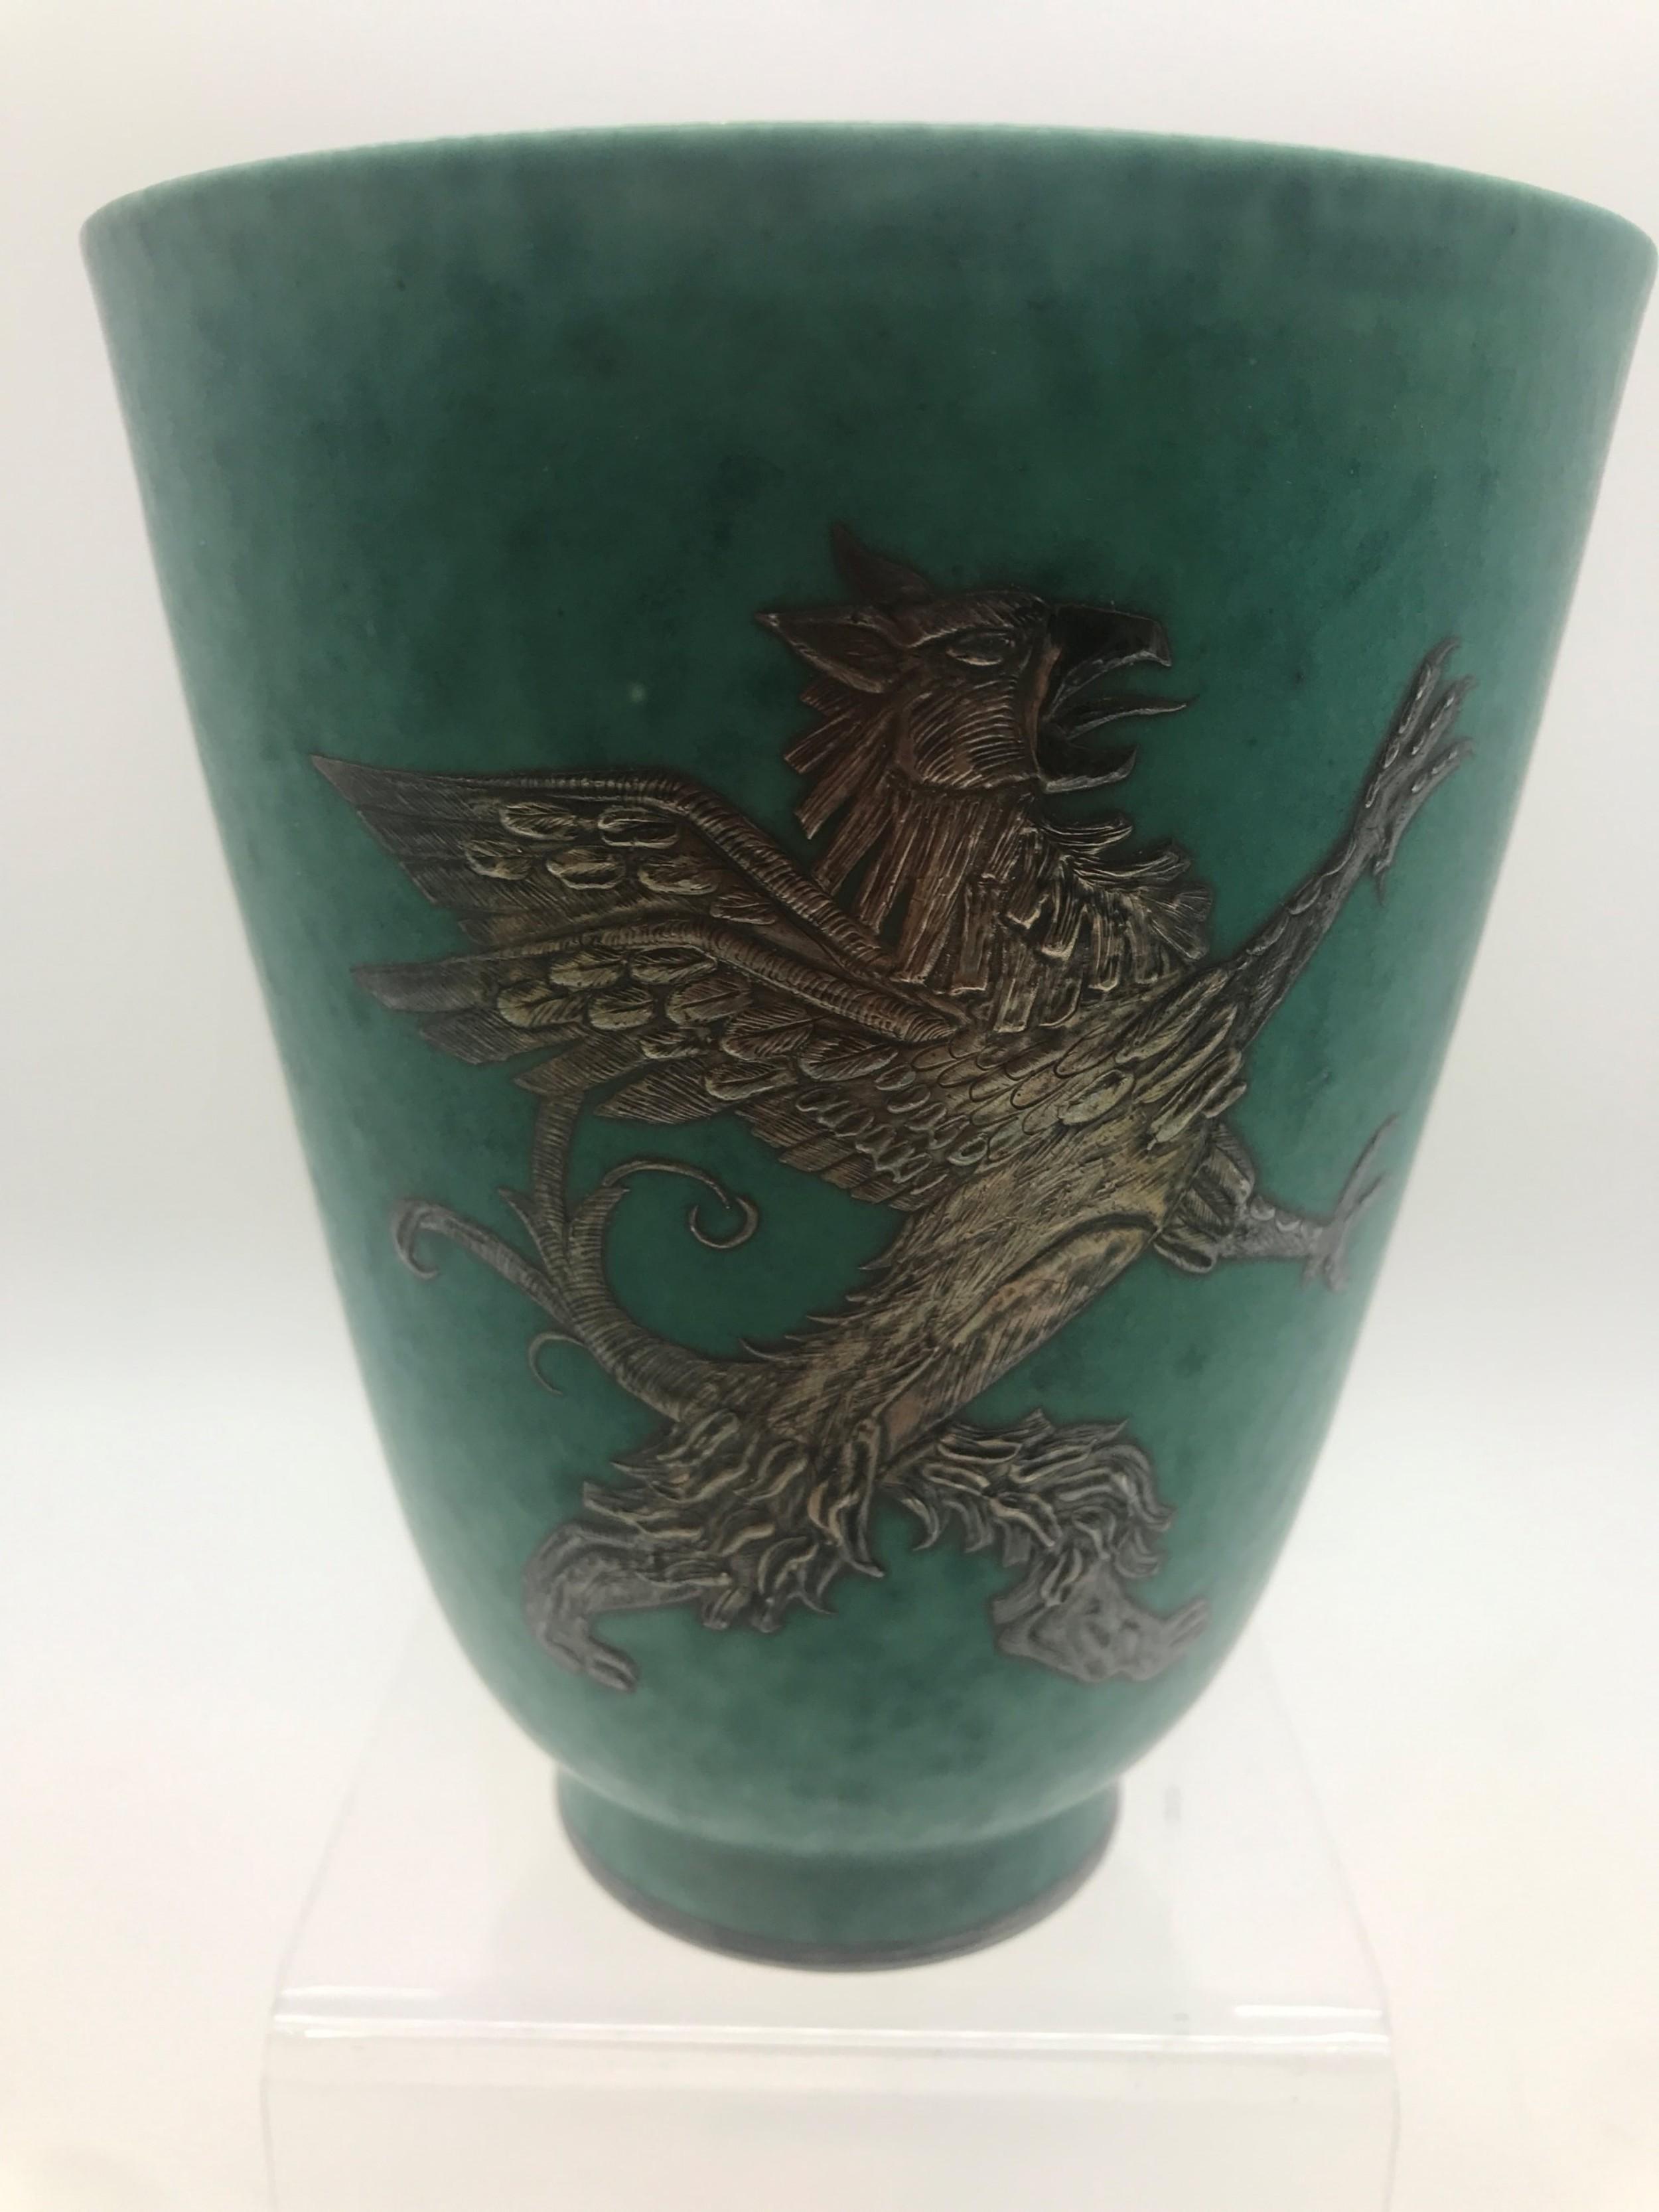 19201930's swedish ceramics gustavsberg argenta vase by wilhelm kage